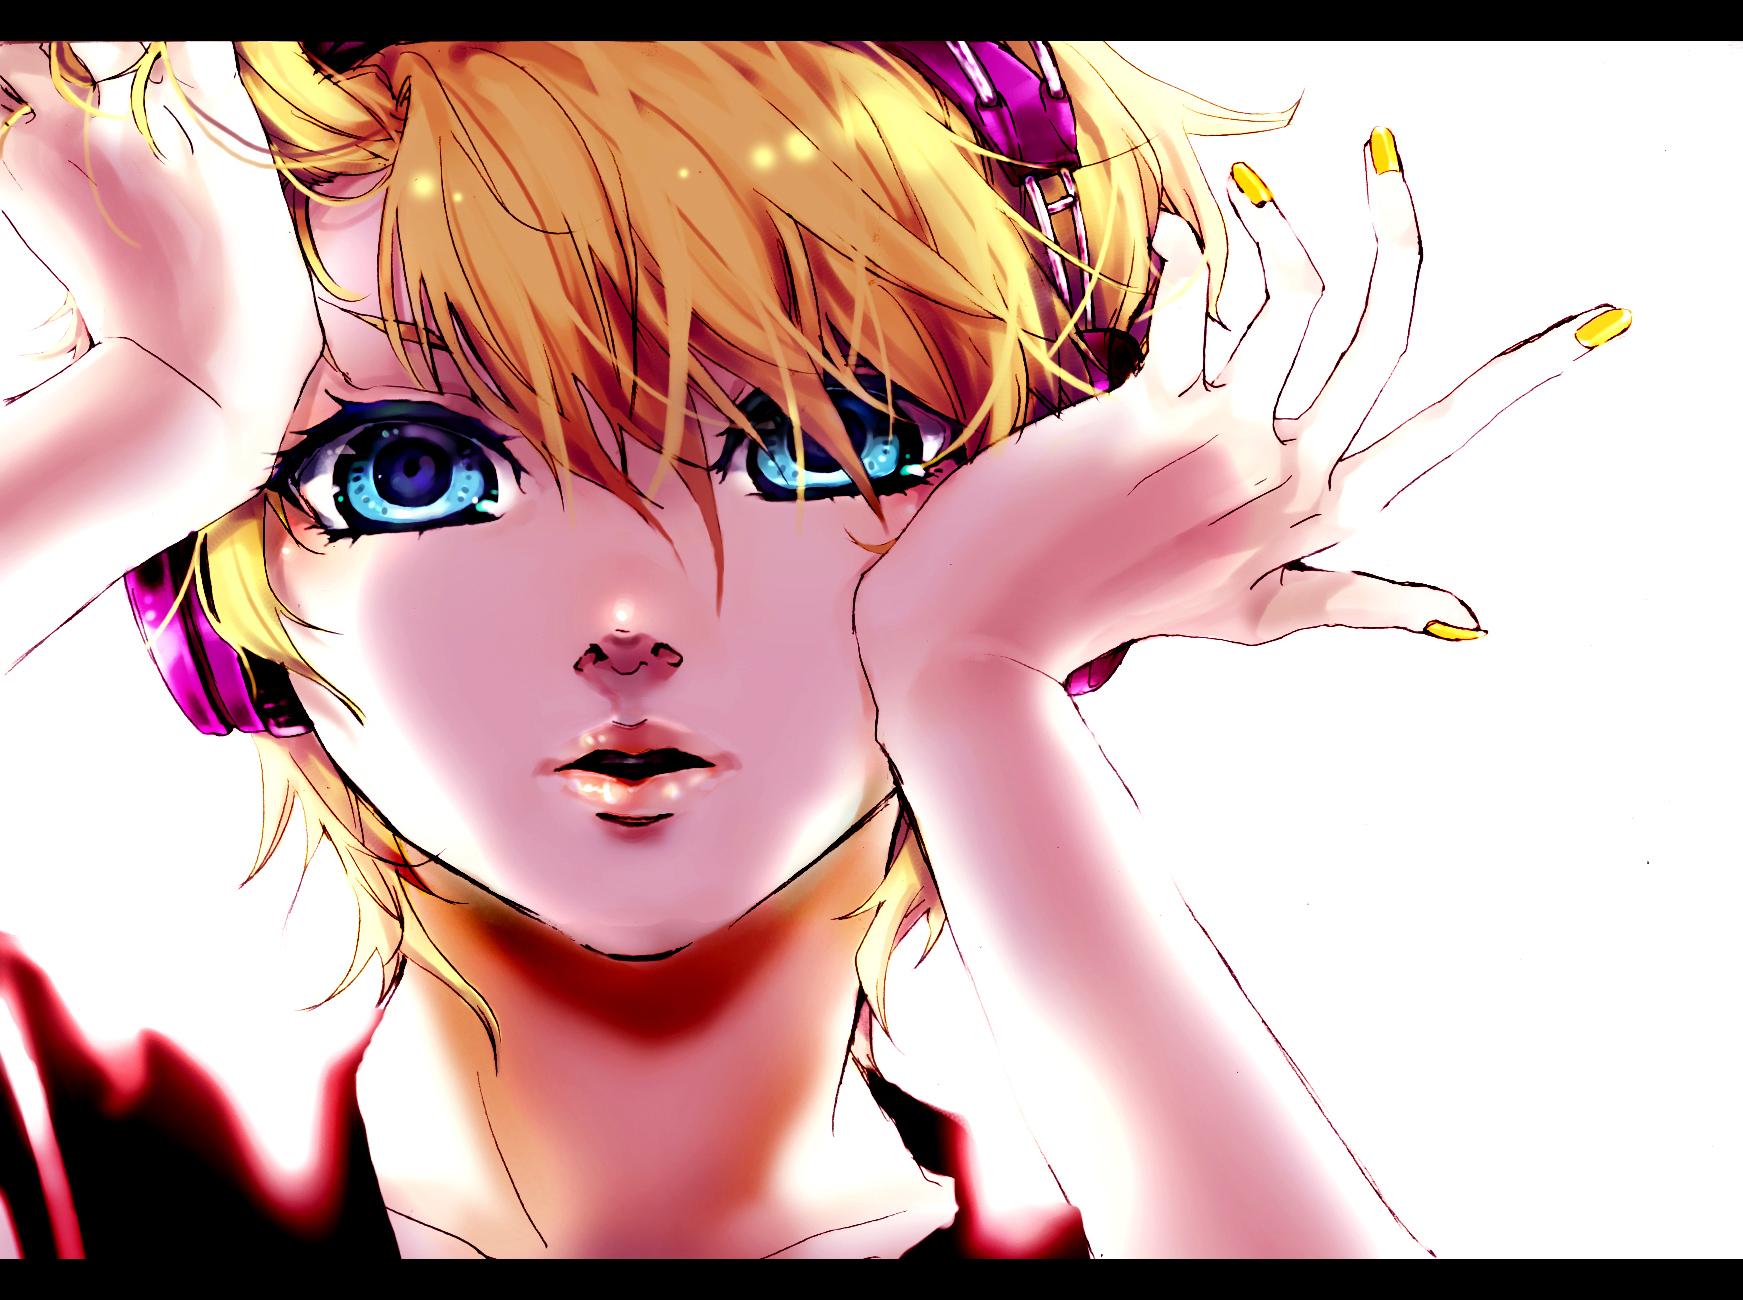 akiakane aliasing all_male aqua_eyes blonde_hair close headphones kagamine_len male migikata_no_chou_(vocaloid) polychromatic short_hair vocaloid white